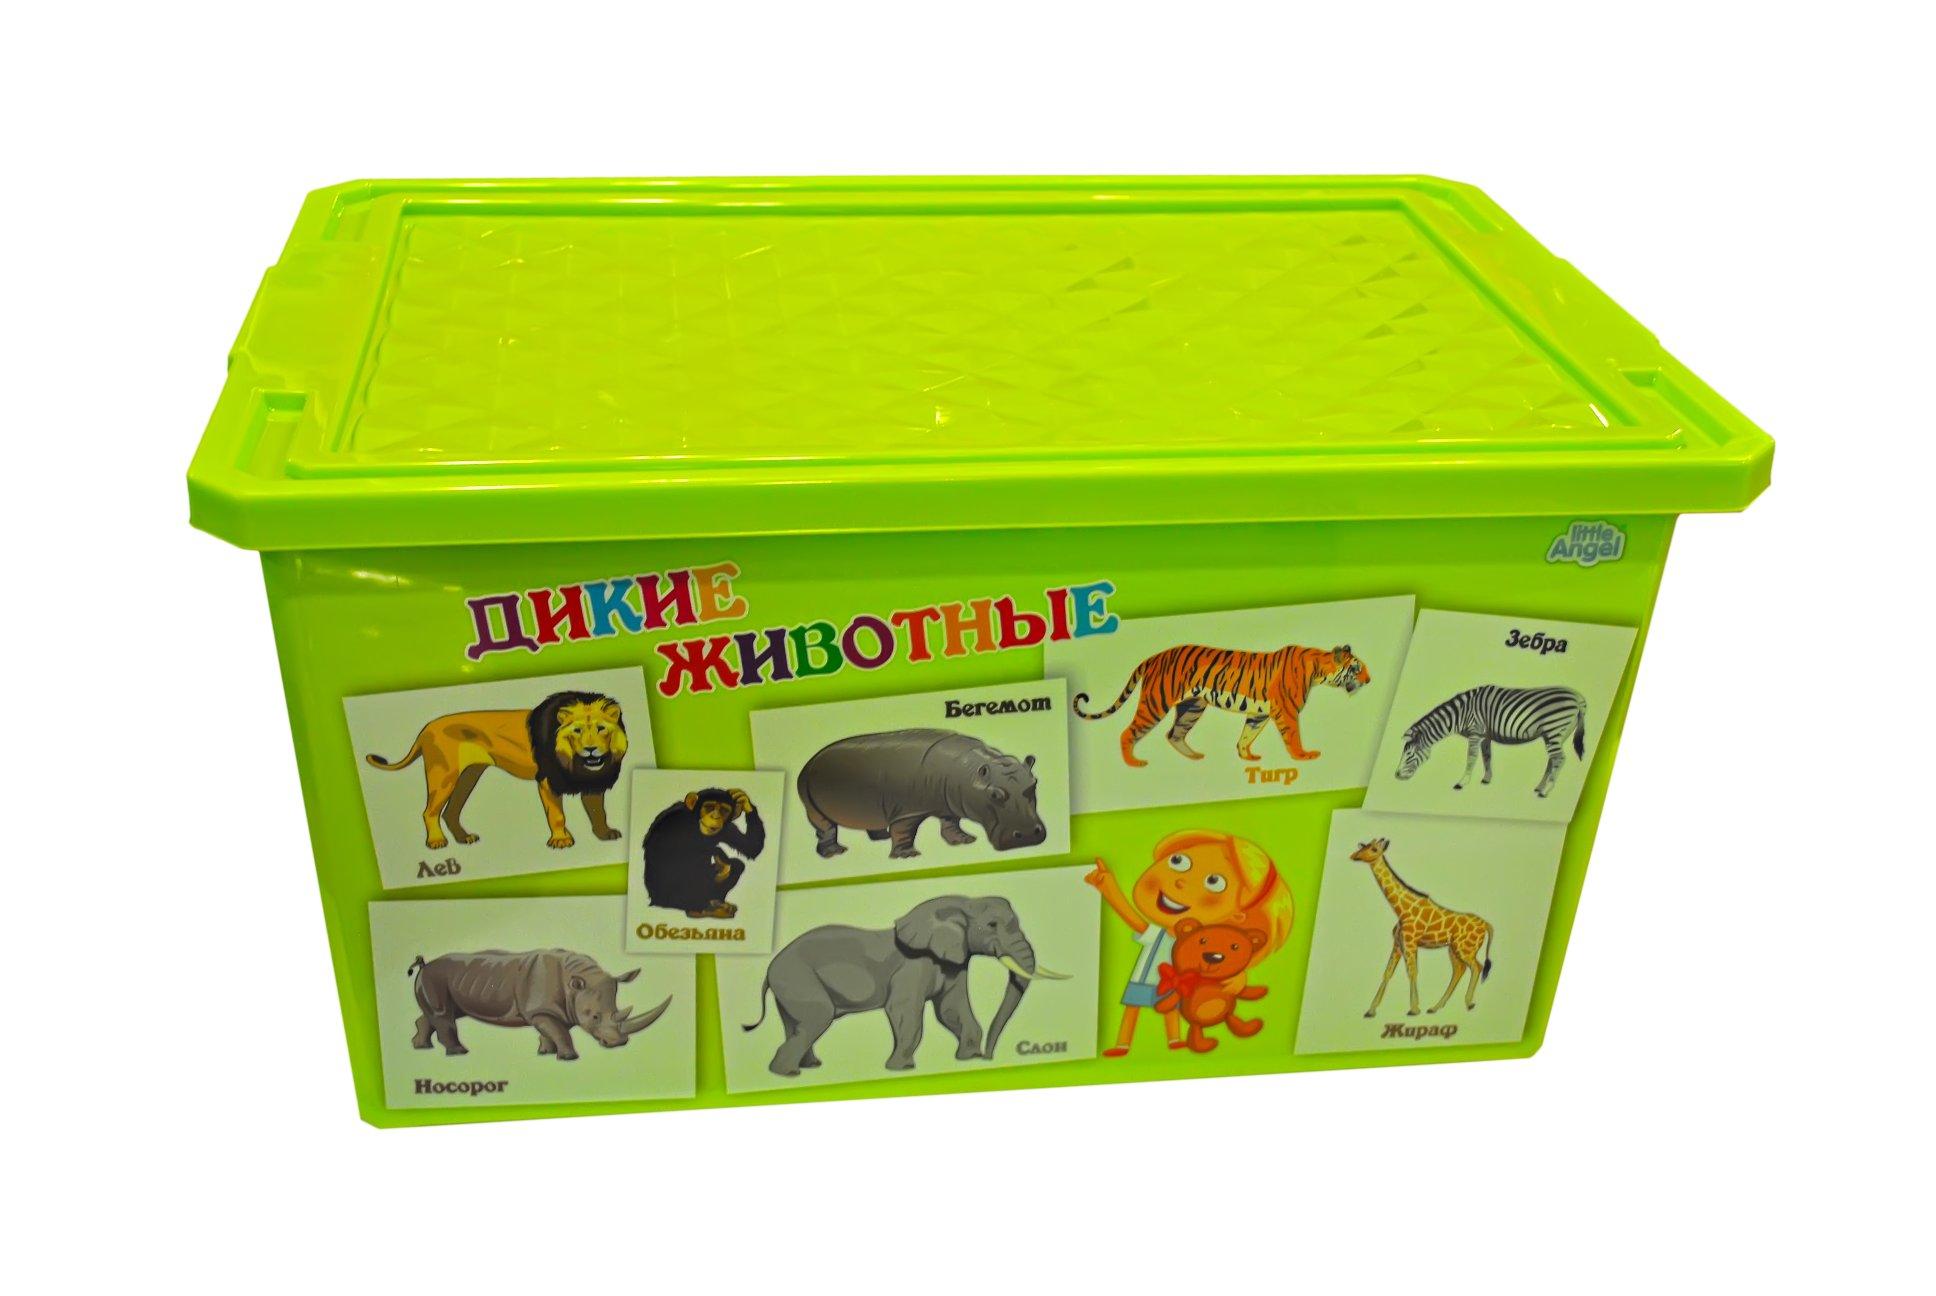 Ящик для хранения игрушек Little Angel X-BOX. Обучайка. Животные, цвет: салатовый, 57 лLA1025ОБСЛУниверсальный ящик для хранения от Little Angel с новым обучающим декором Животные - это простой и доступный способ познакомить малыша сдикими и домашними животными. Такой функциональный объект для хранения несомненно станет достойным дополнением пространства развивающей среды для Вашего подрастающего гения. Ящик декорирован с помощью технологии In Mould Labeling (IML). Декор ящика устойчив при мытье, дольше сохраняет насыщенность цветов . Прочный каркас ящика позволит хранить как легкие вещи, так и более тяжелый груз. Уникальный обучающий декор линии Обучайка разработан при участии педагогов ДОУ и детских психологов.